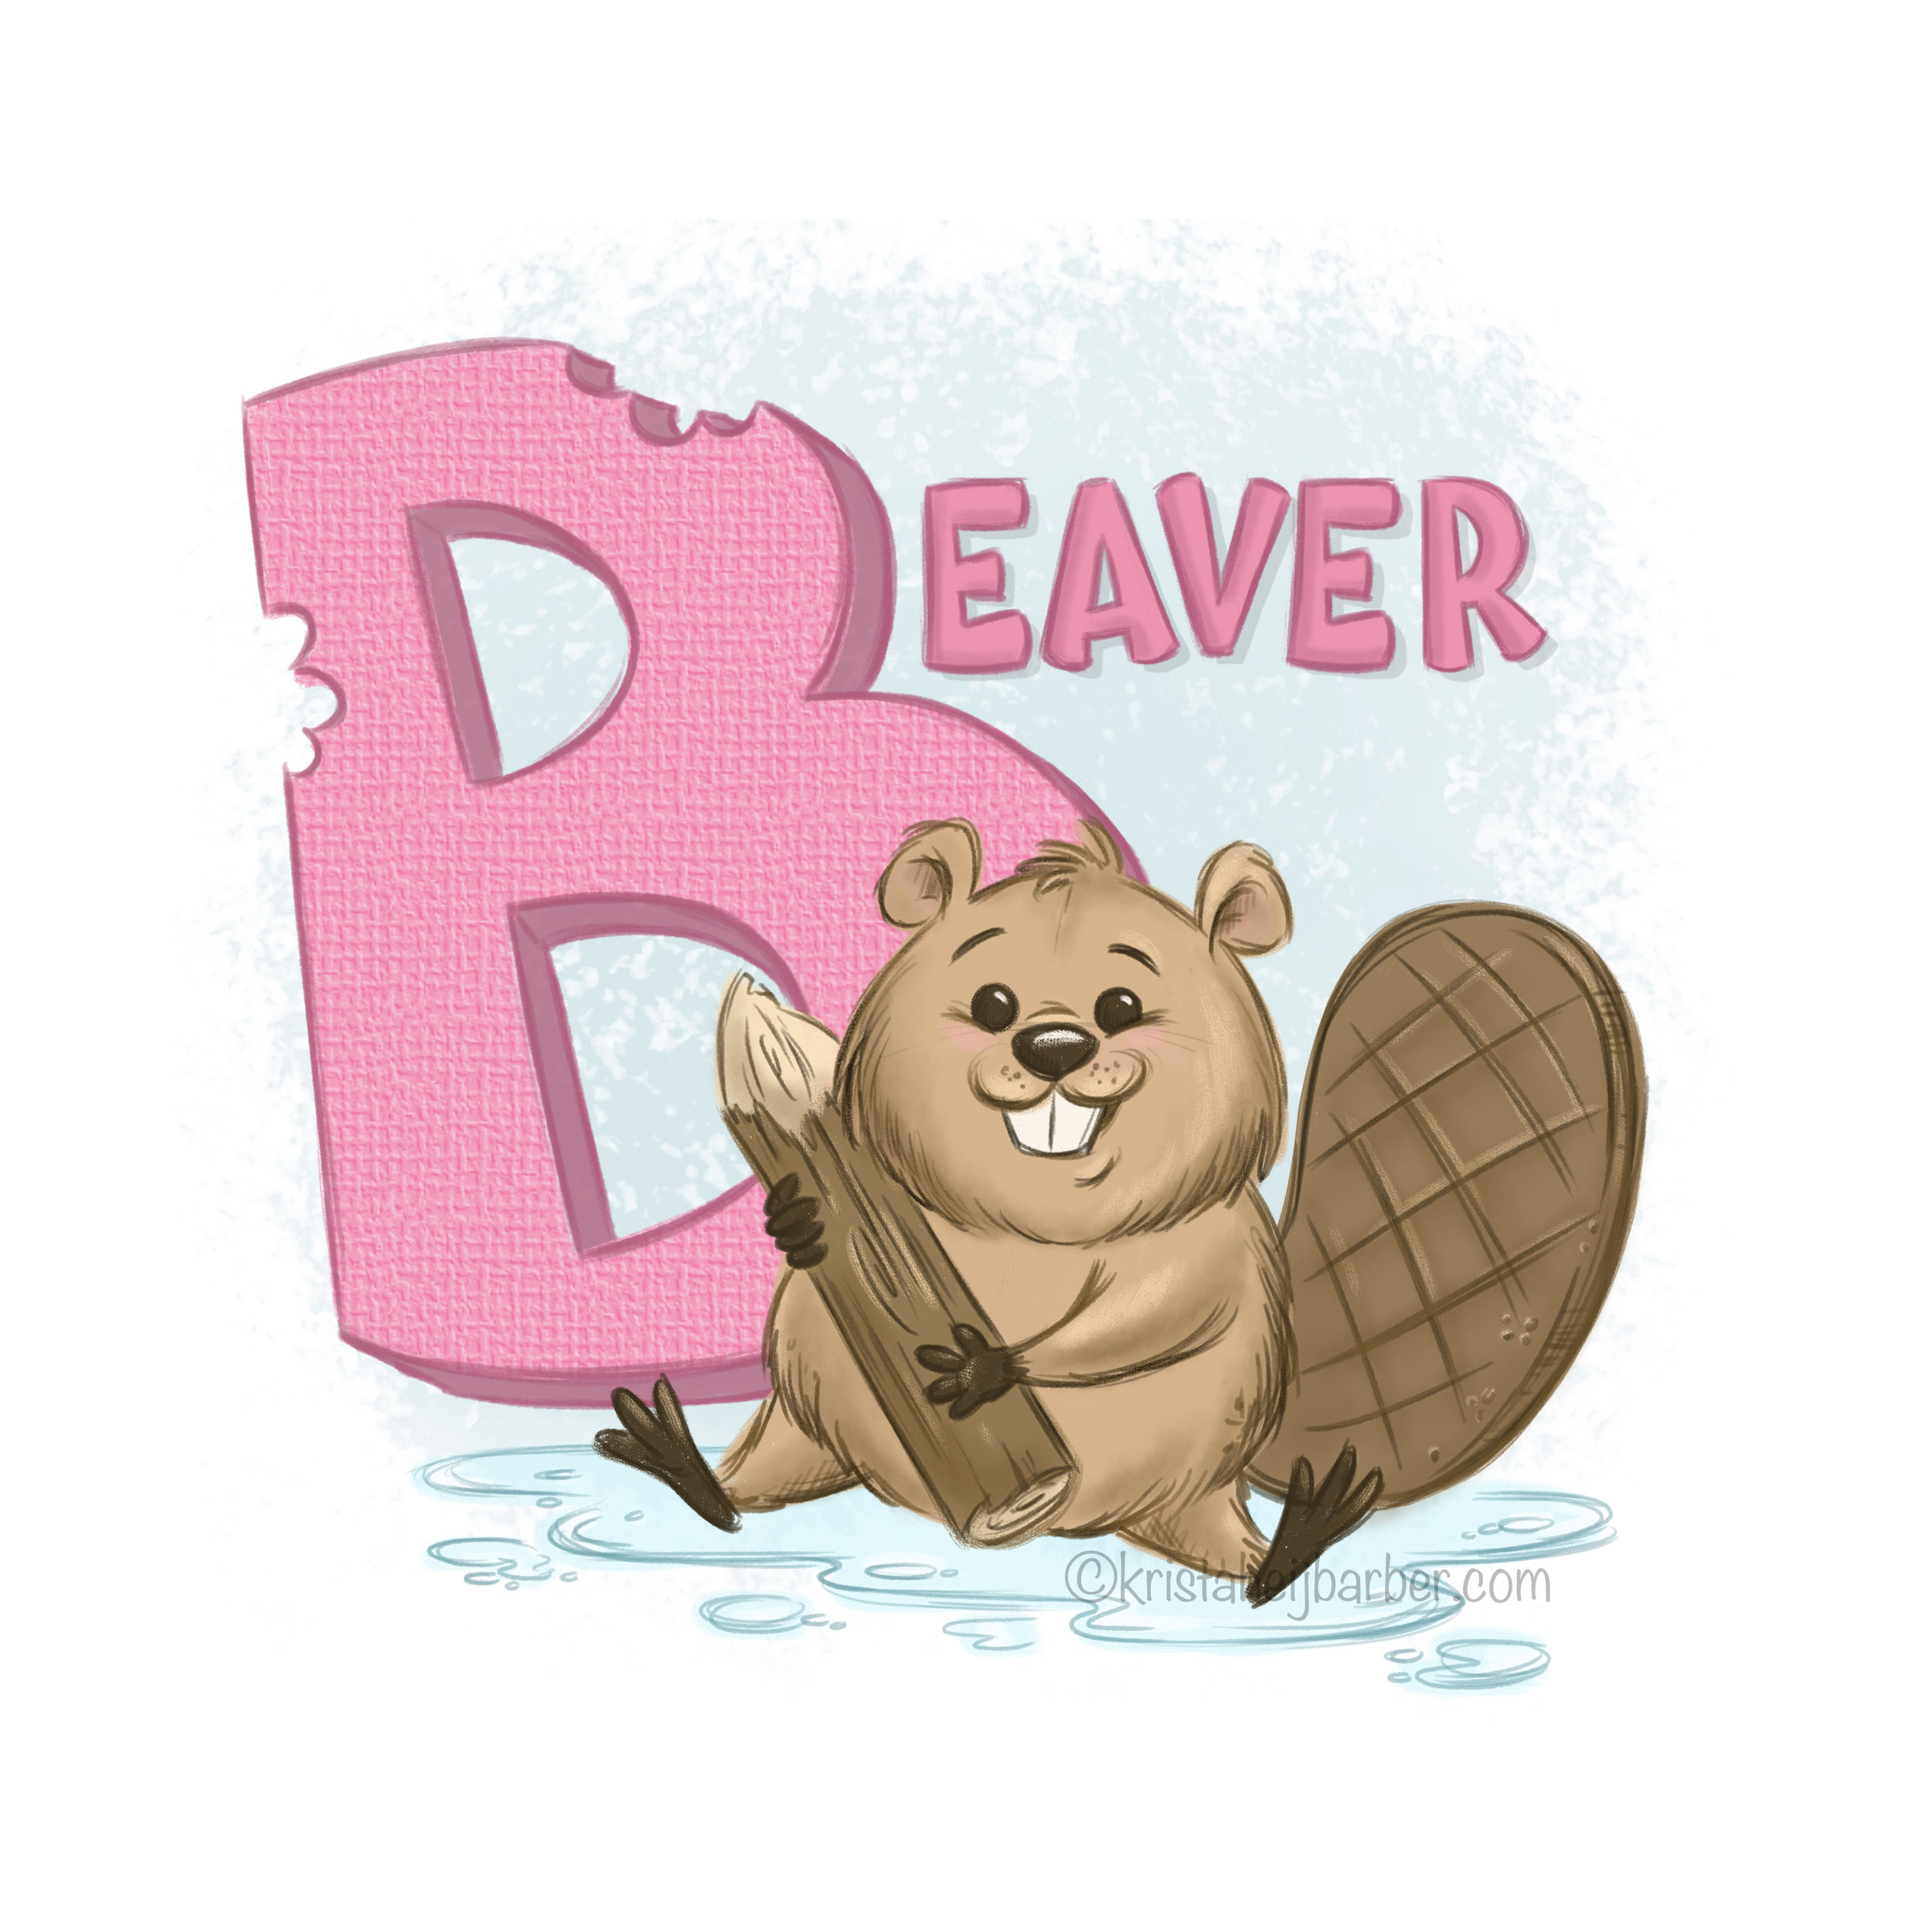 B is for Beaver3-2.jpg